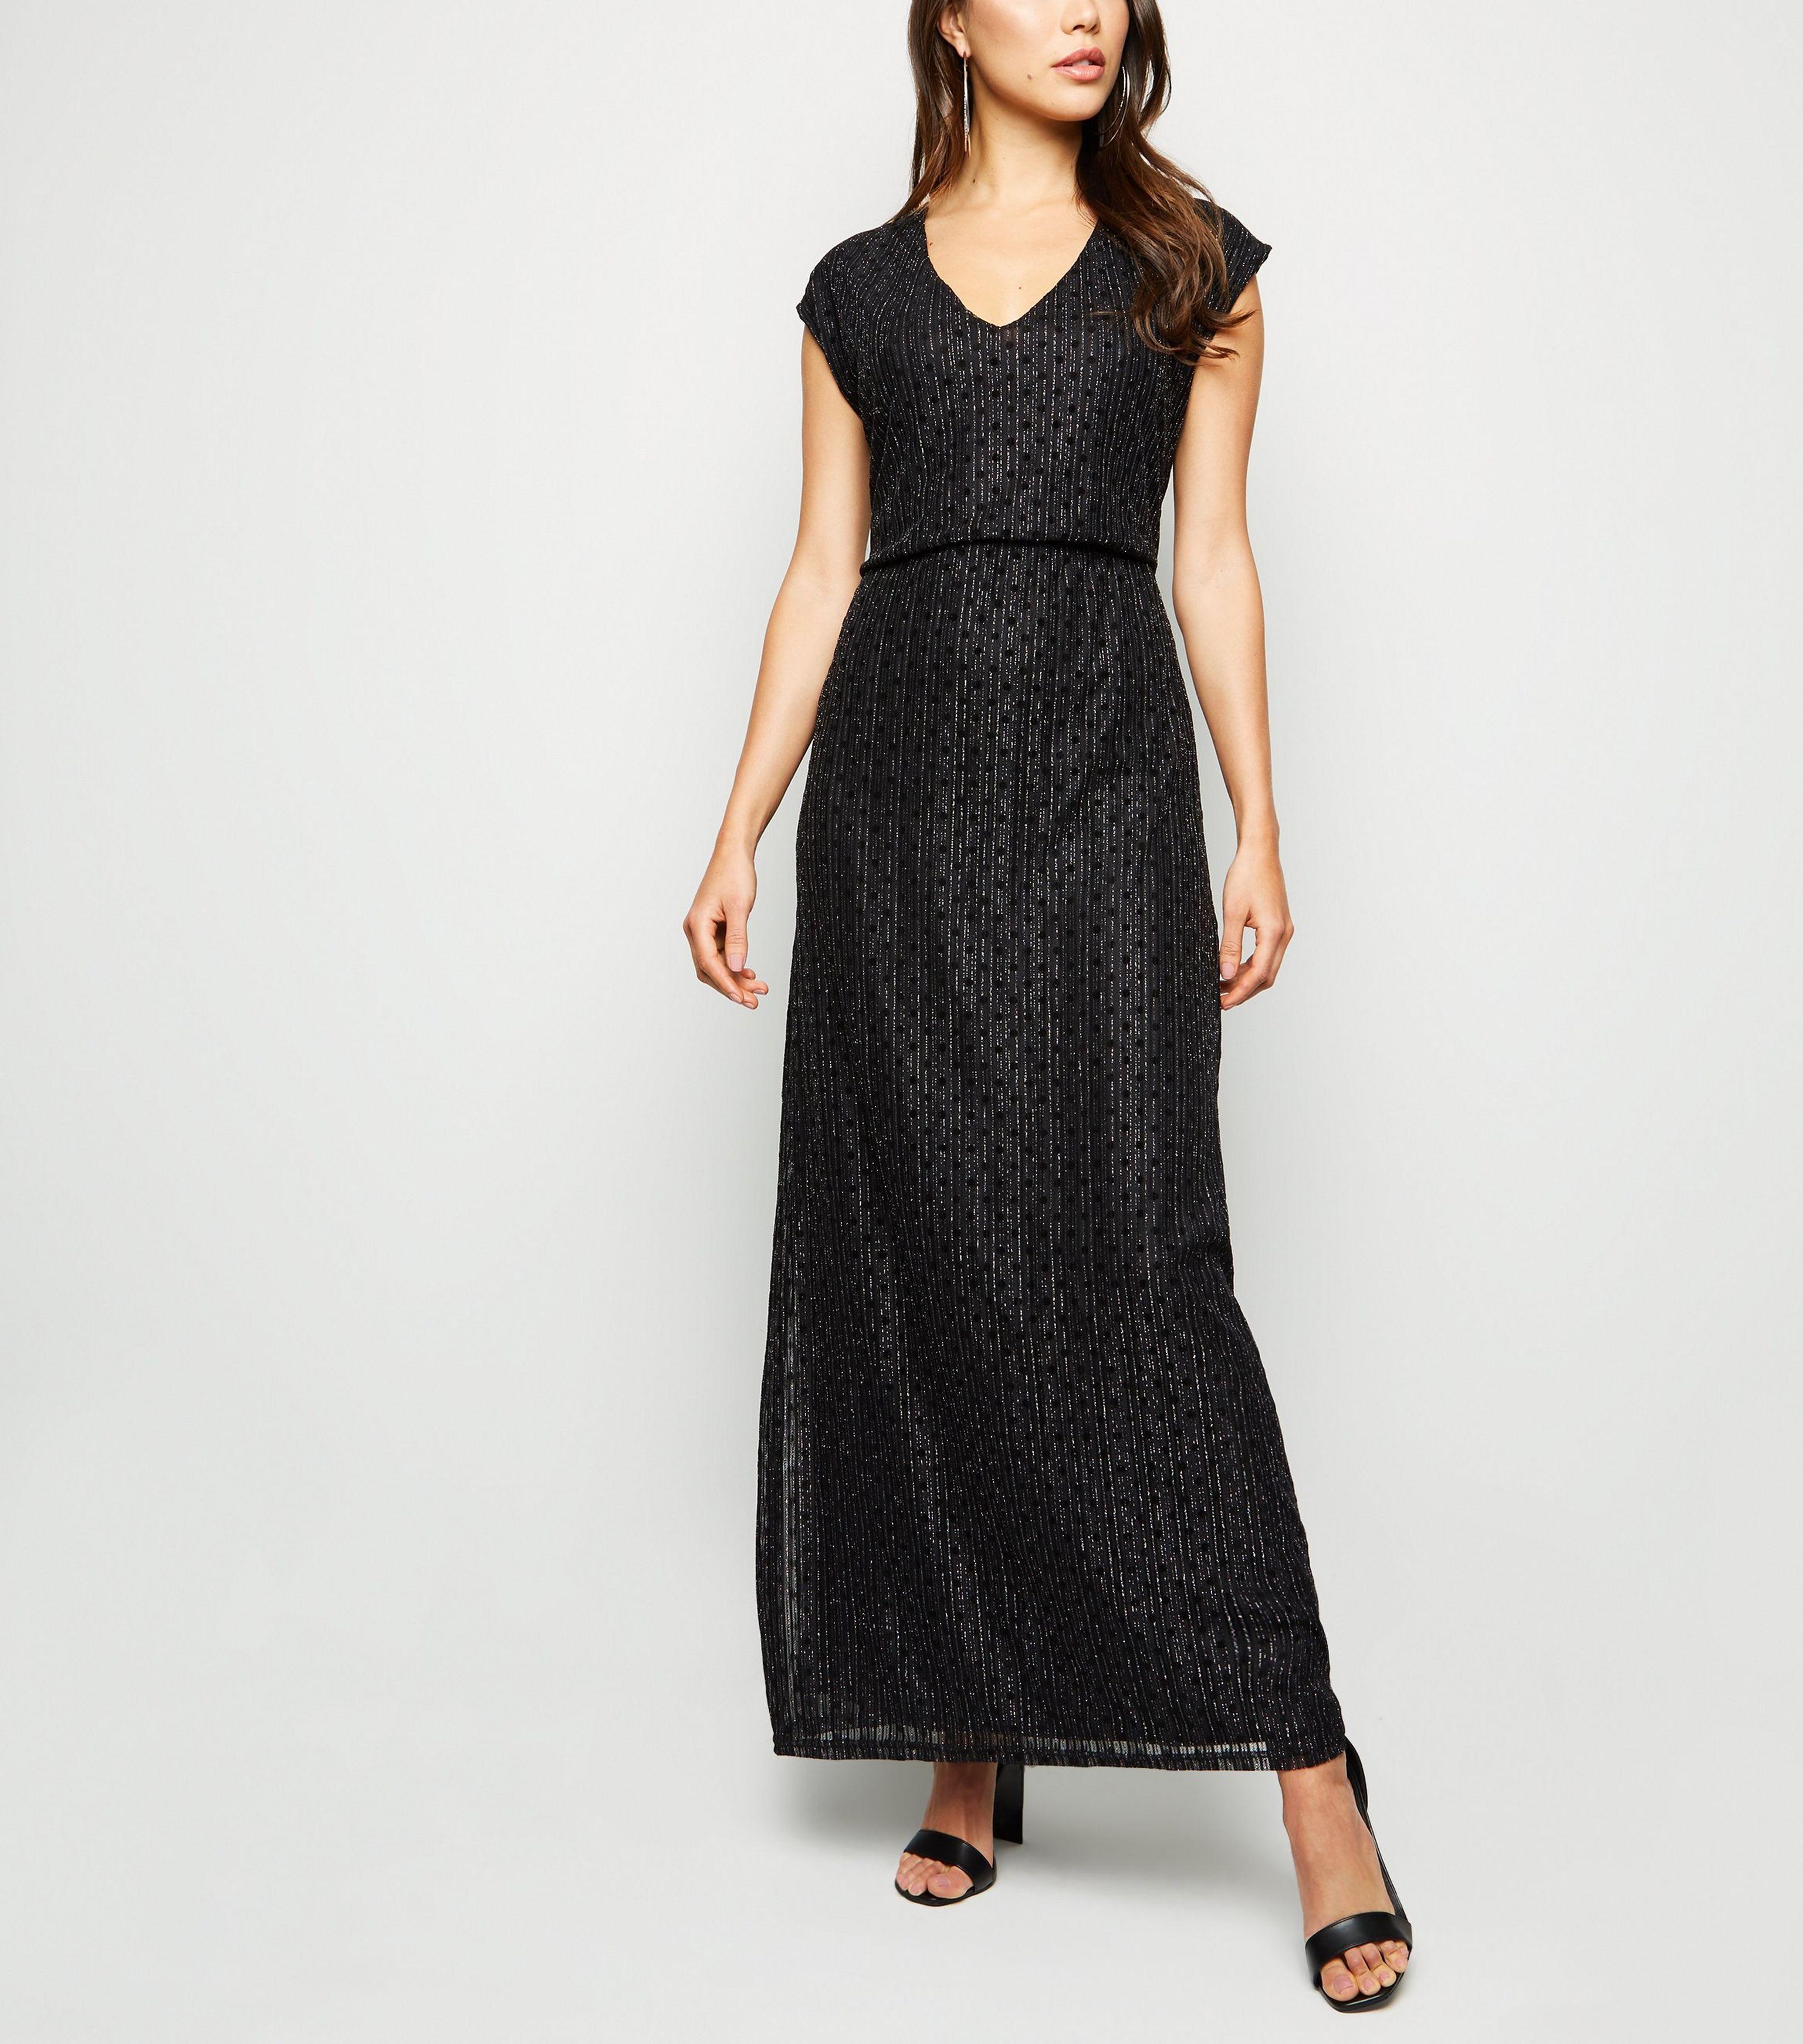 f5b75c84713 Mela Black Glitter Stripe Lace Maxi Dress in Black - Lyst